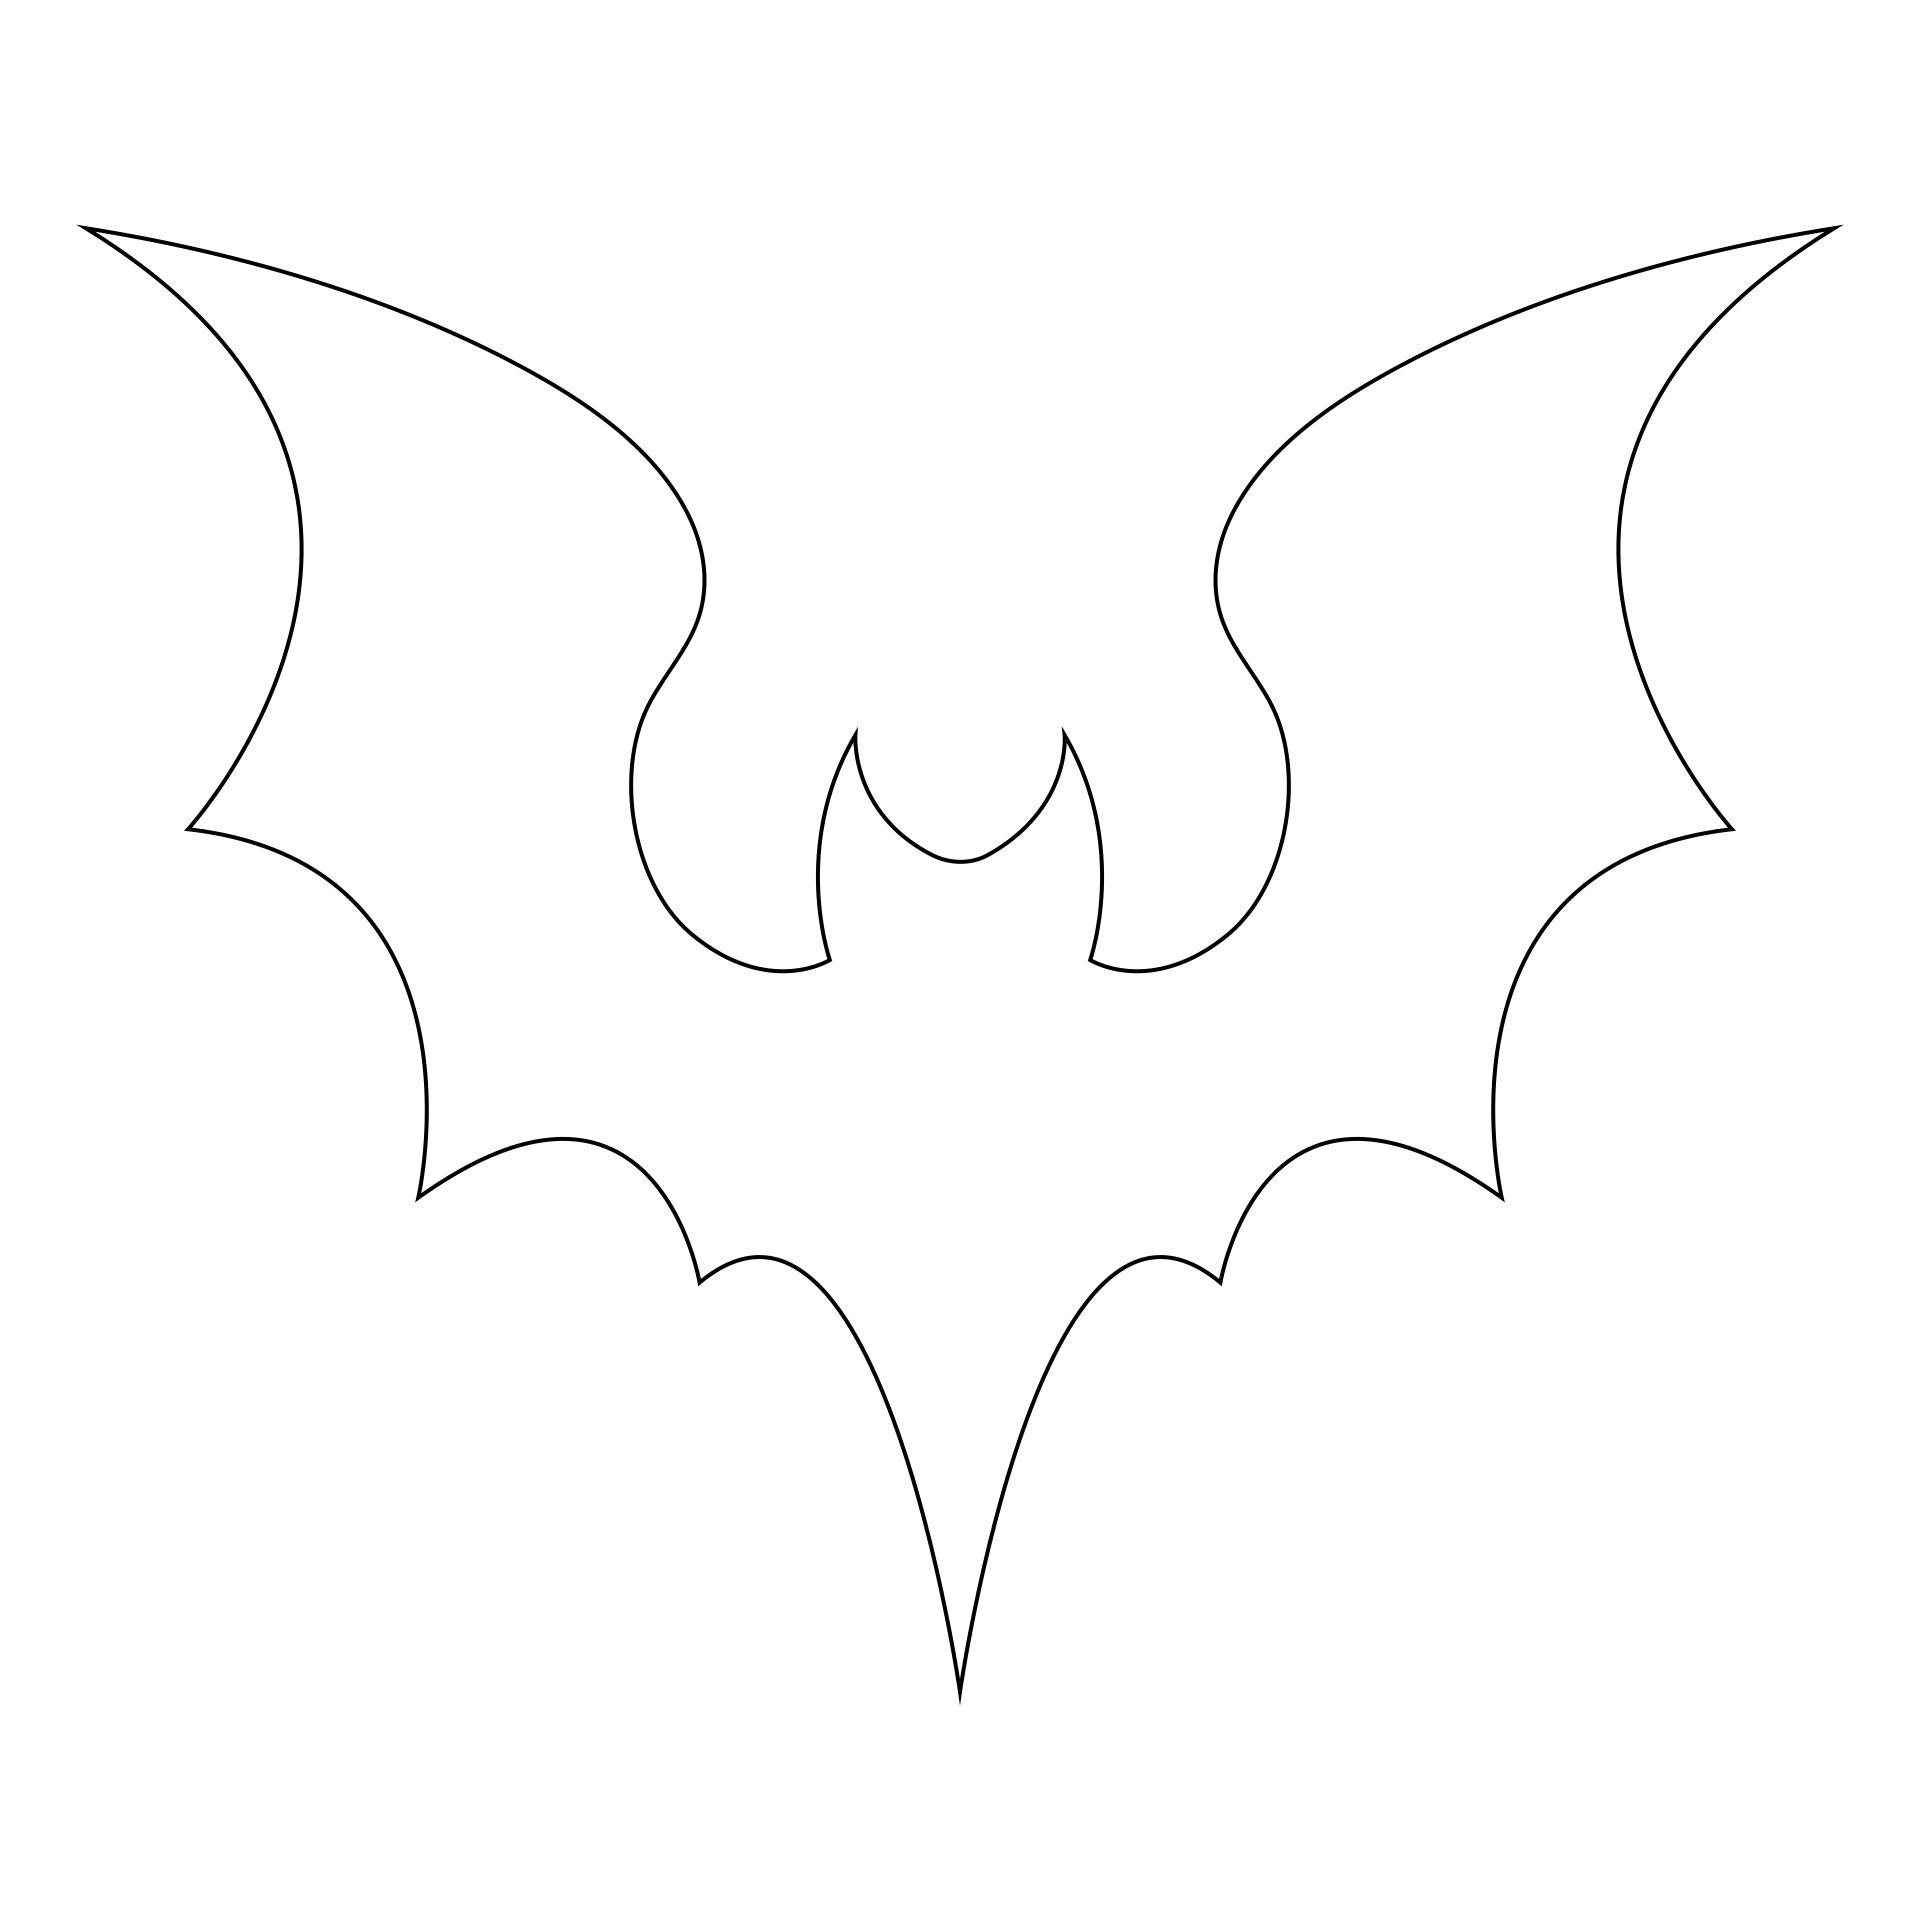 7 Best Images of Halloween Bat Stencils Printable  Halloween Bat